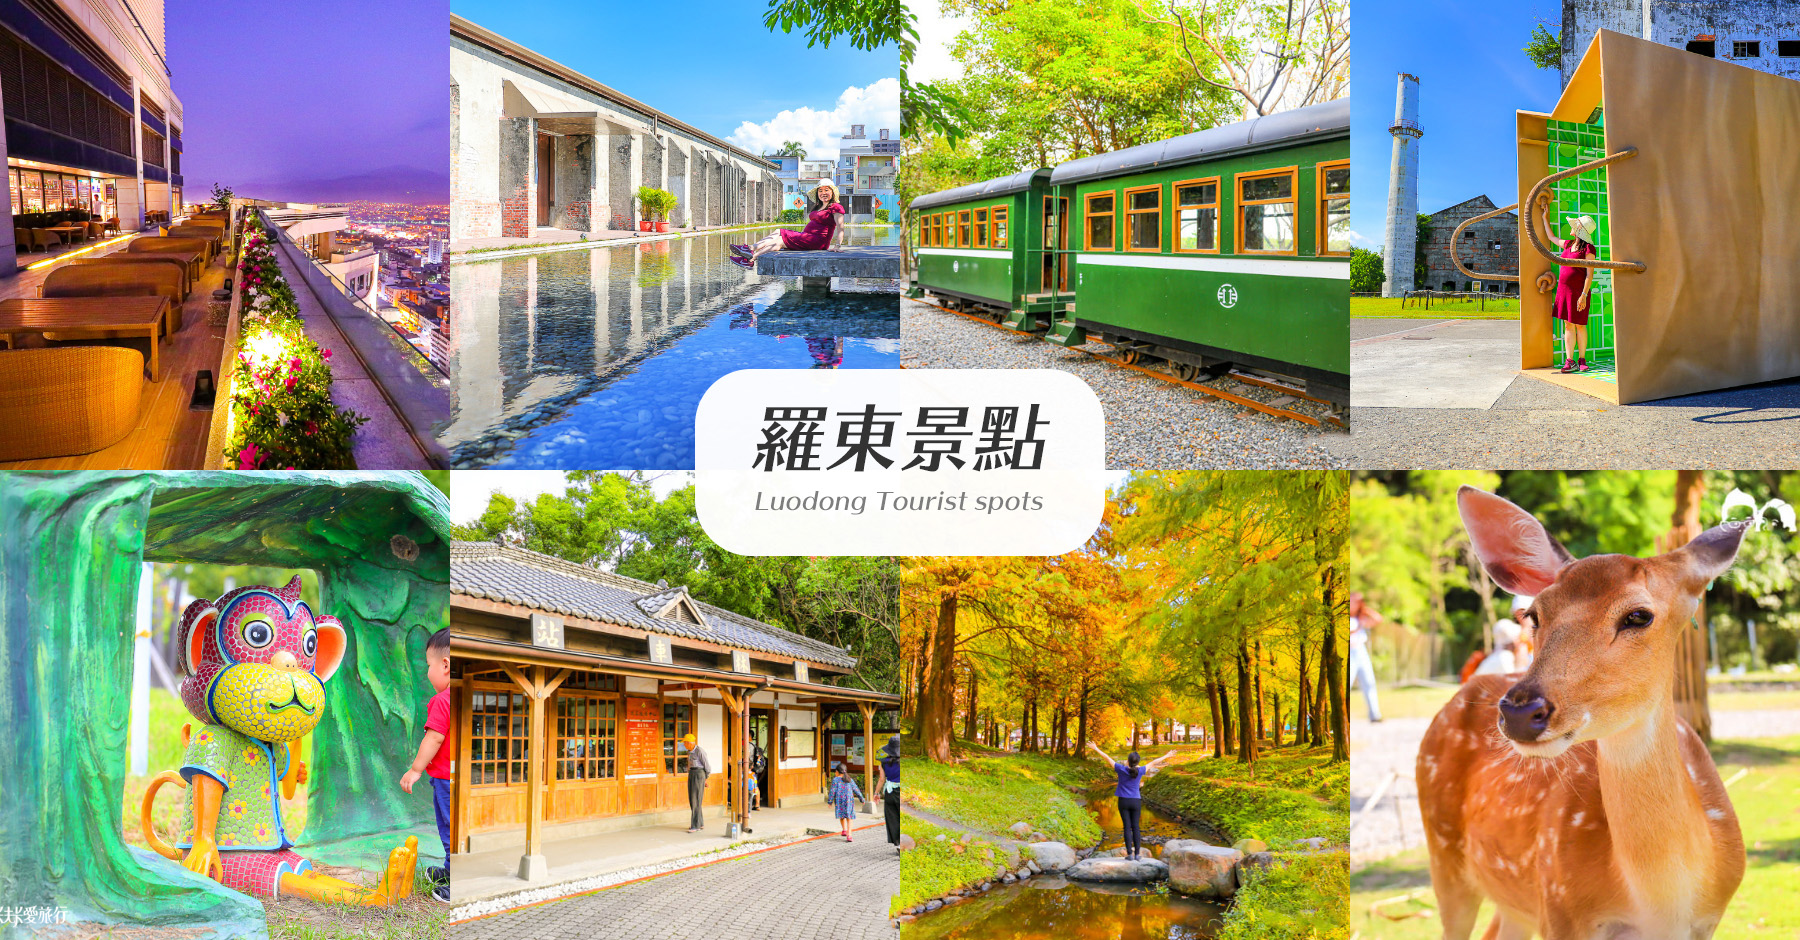 羅東景點必玩25個!推薦羅東一日遊行程|宜蘭親子網美私房景點免費觀光工廠